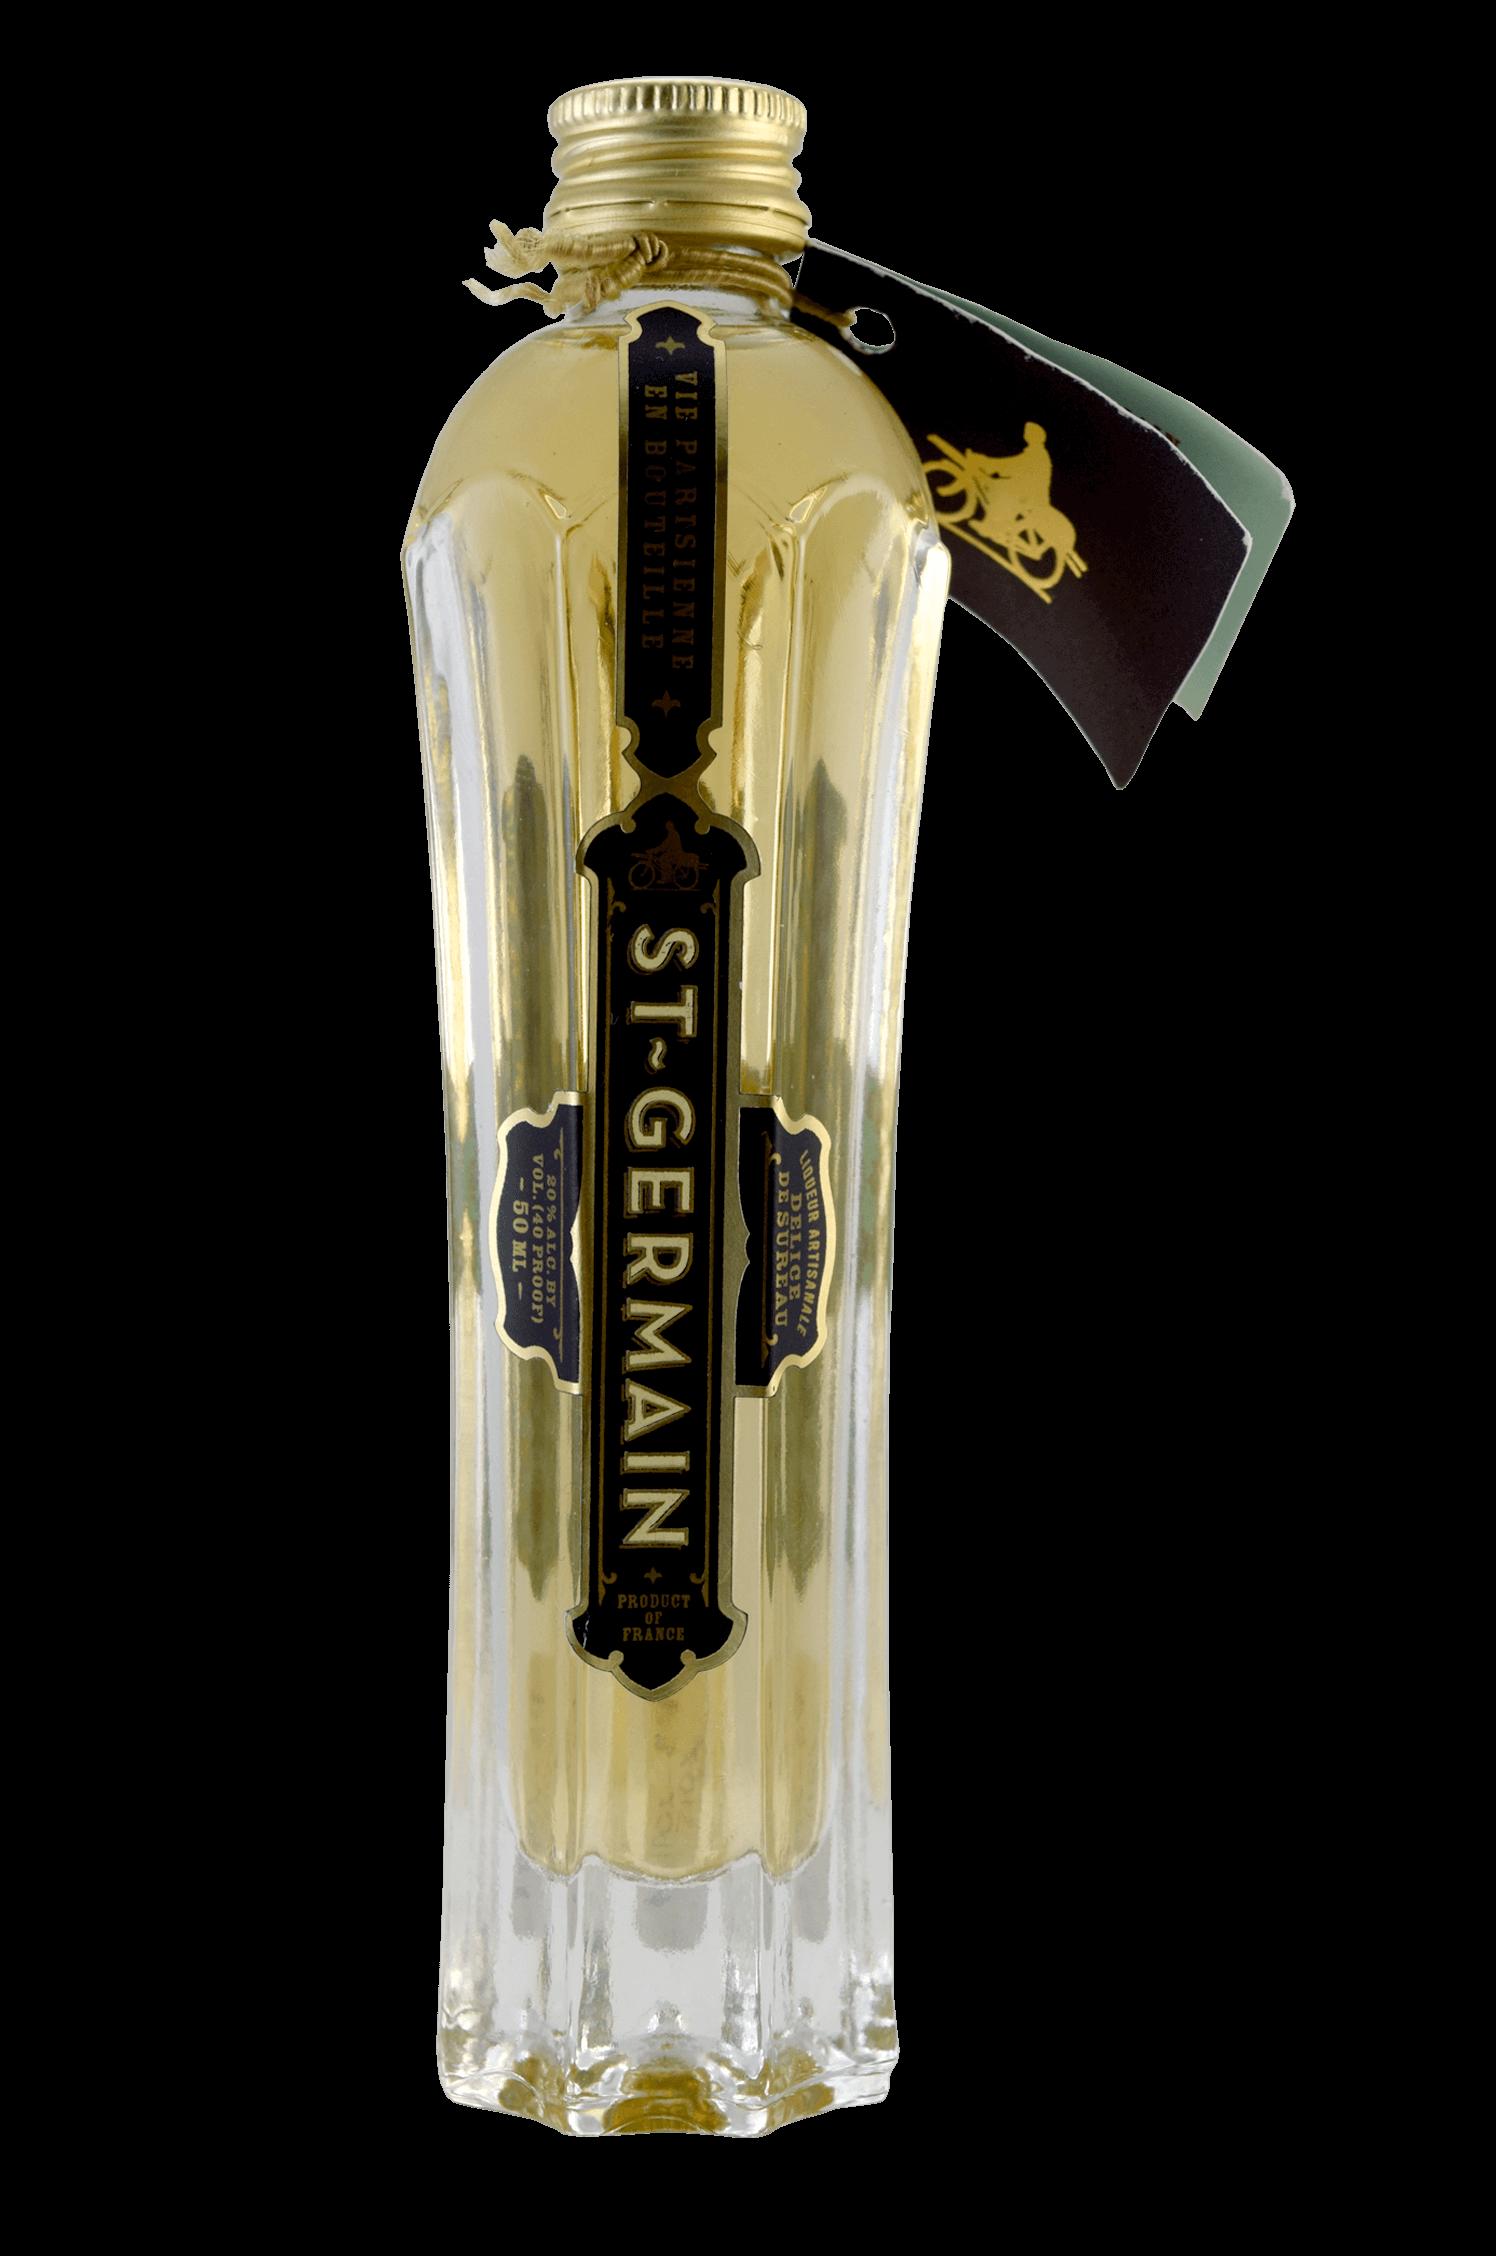 St-Germain Liqueur